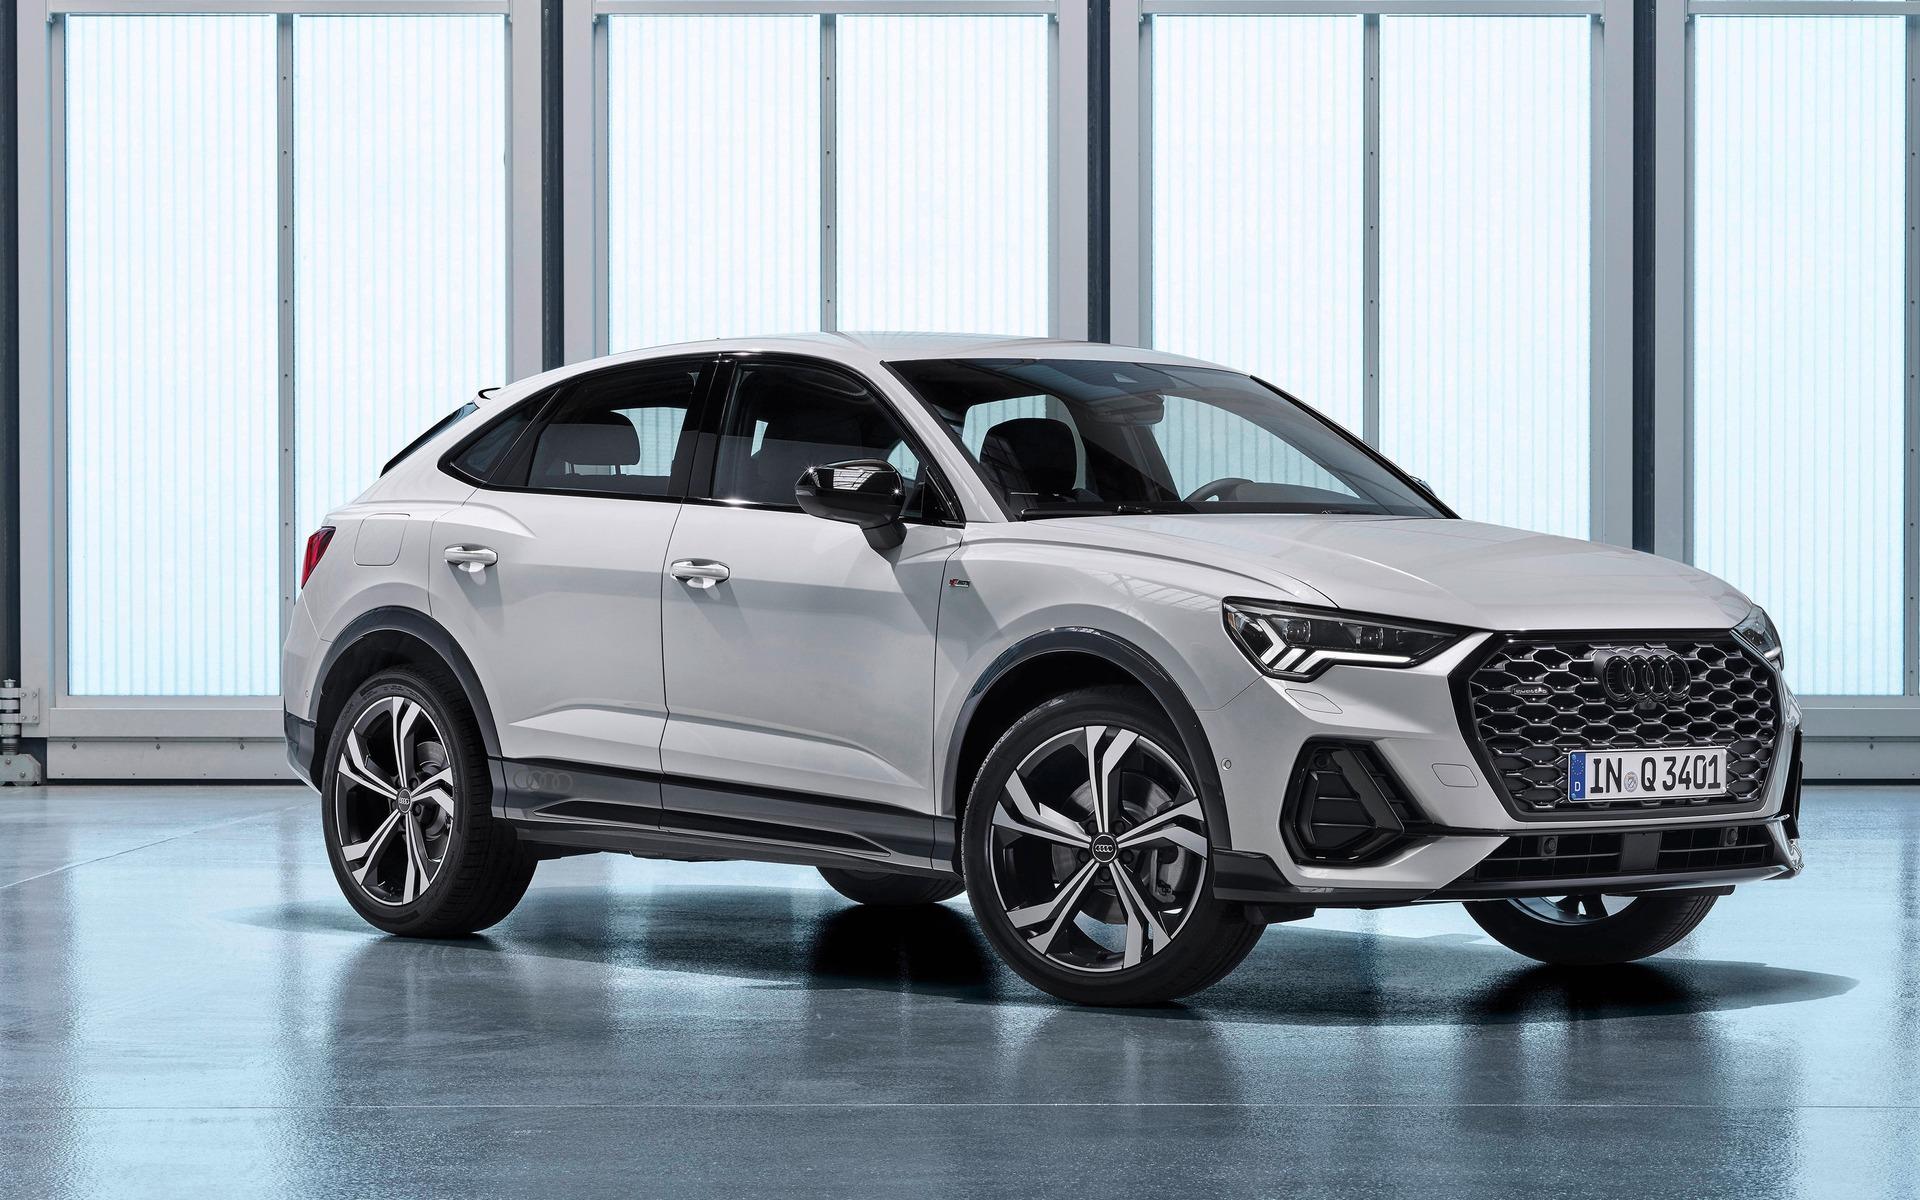 2020 Audi Q3 Usa Images